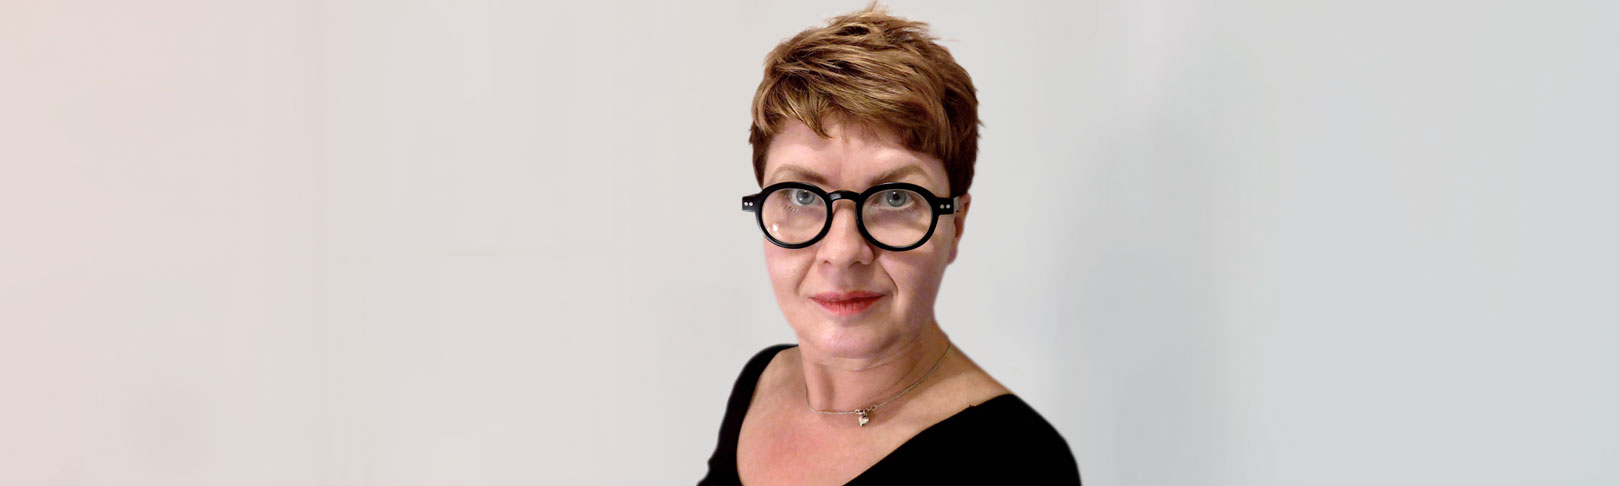 AVEK-palkinnon voittaja, kuvataiteilija Saara Ekström, kuva: Saara Ekström